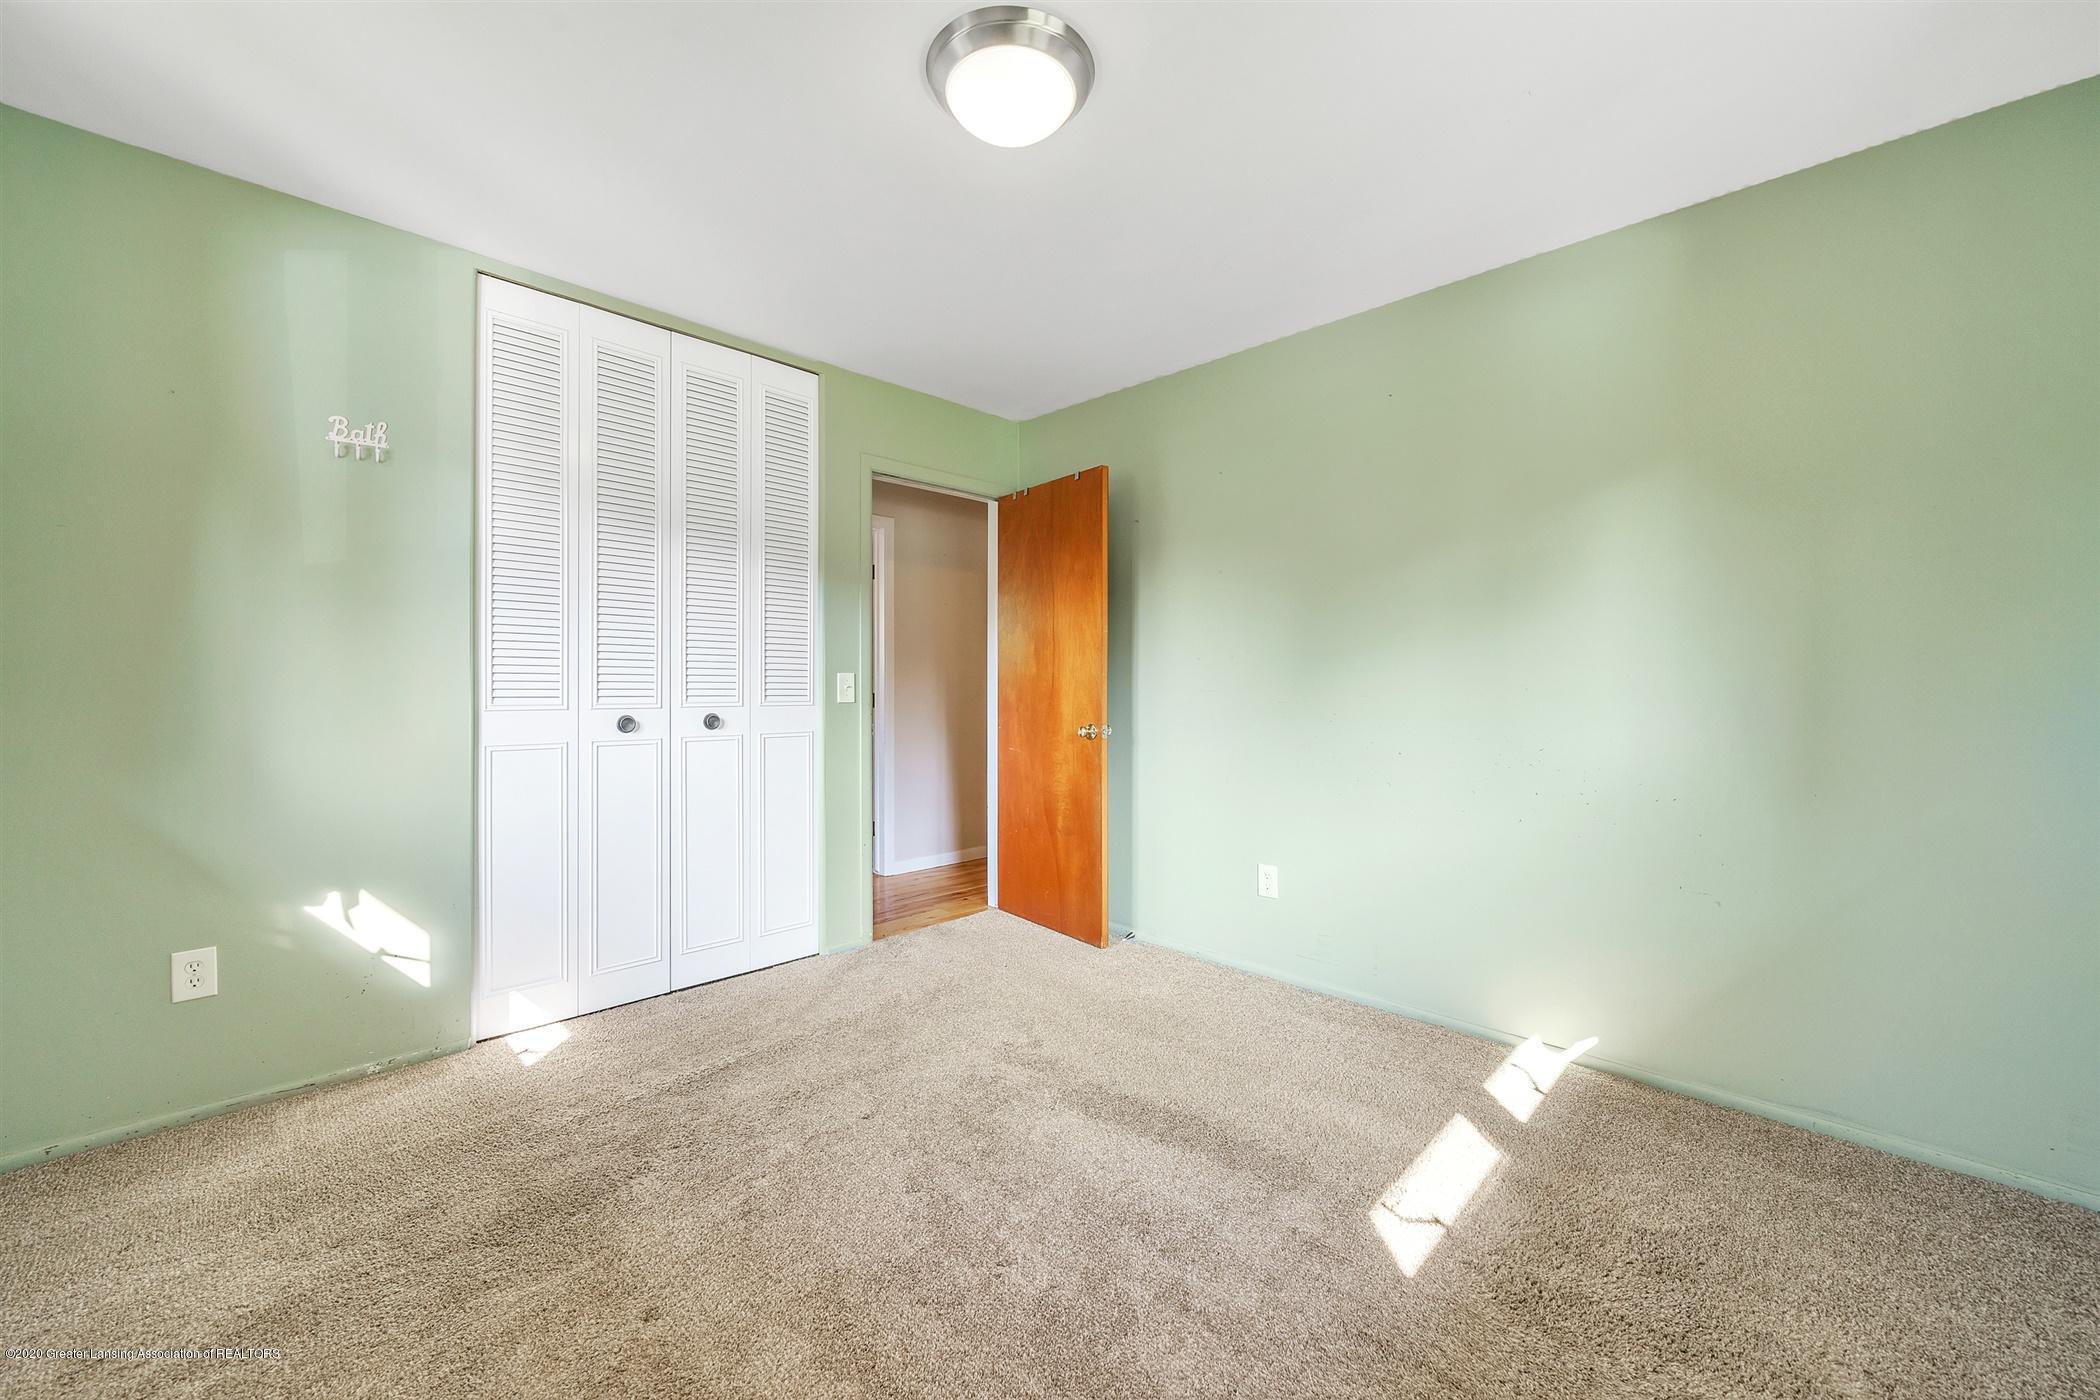 4557 Seneca Dr - (17) MAIN FLOOR Bedroom 2 - 17